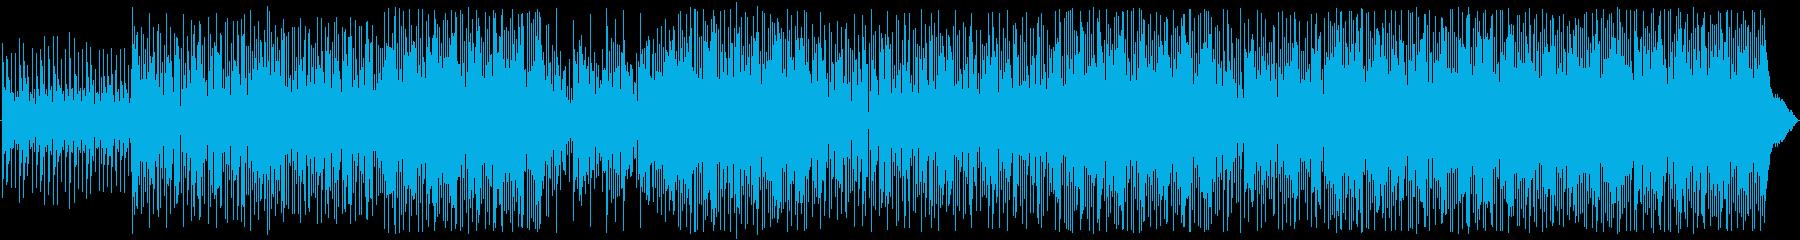 オルガン、マリンバ、ピアノ、アコー...の再生済みの波形